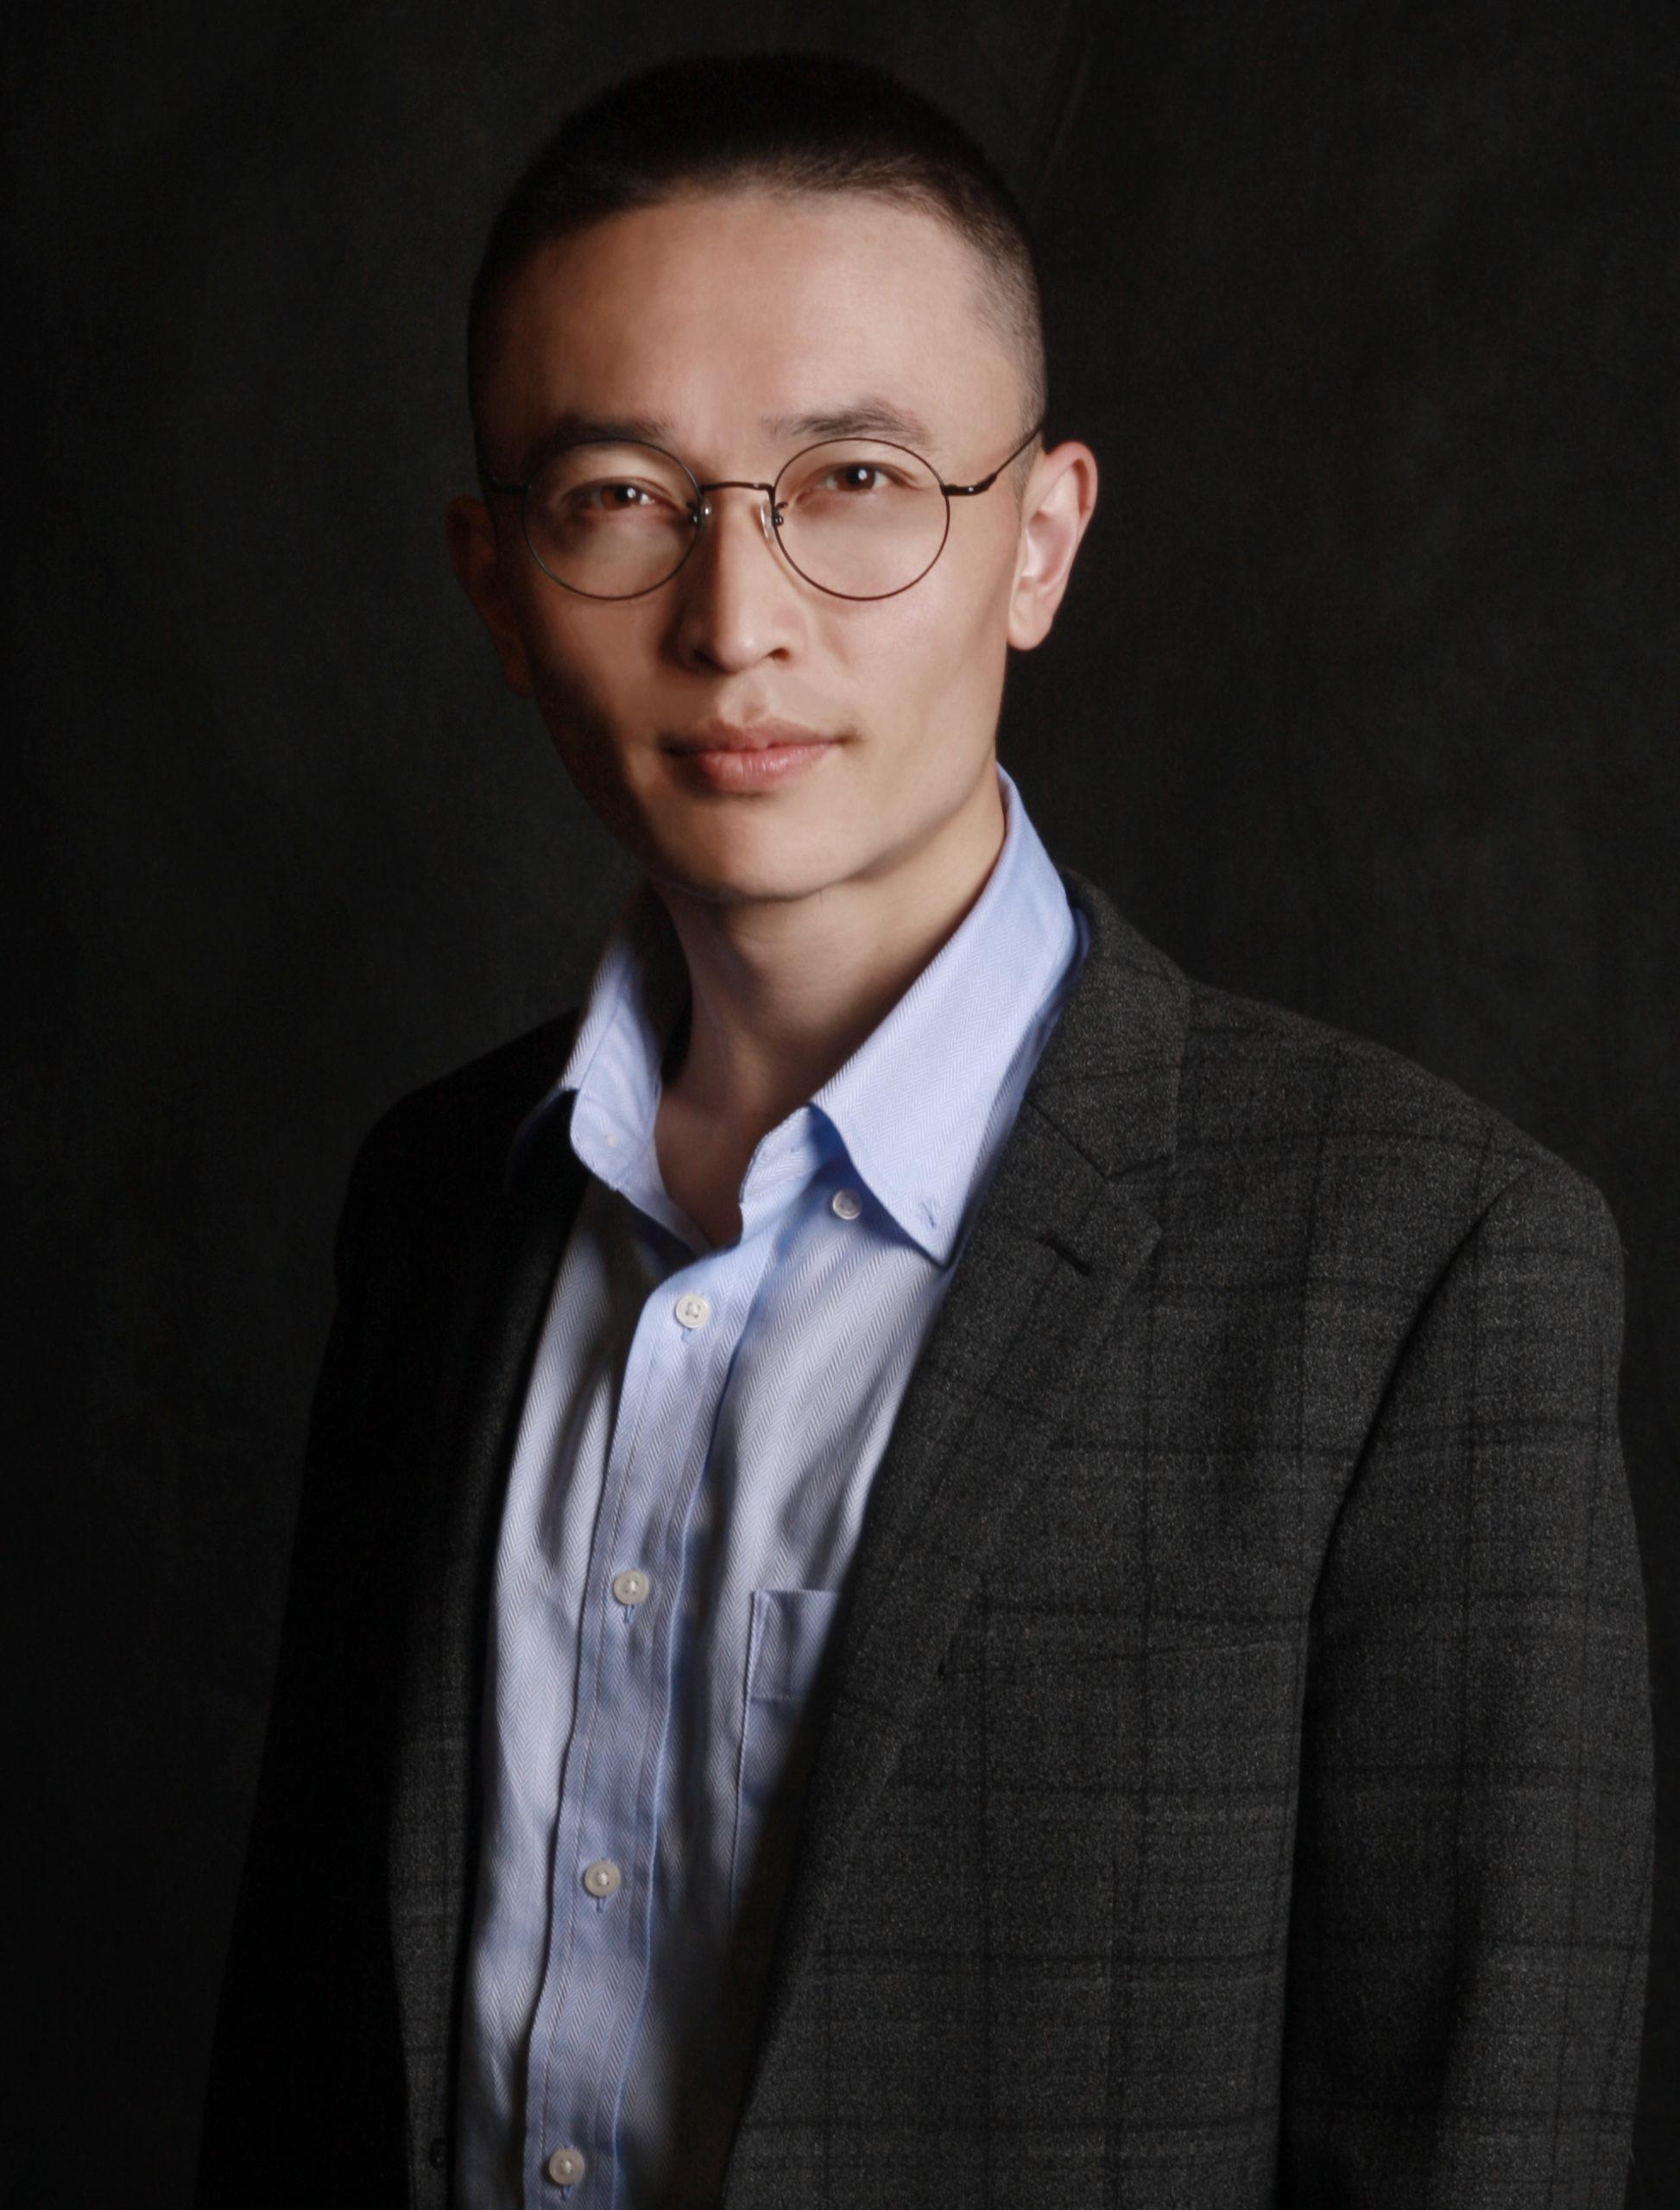 上海黑犇科技郭鹏应邀IPFS中文资讯网独家采访:什么时间段是Filecion最佳投资时机?